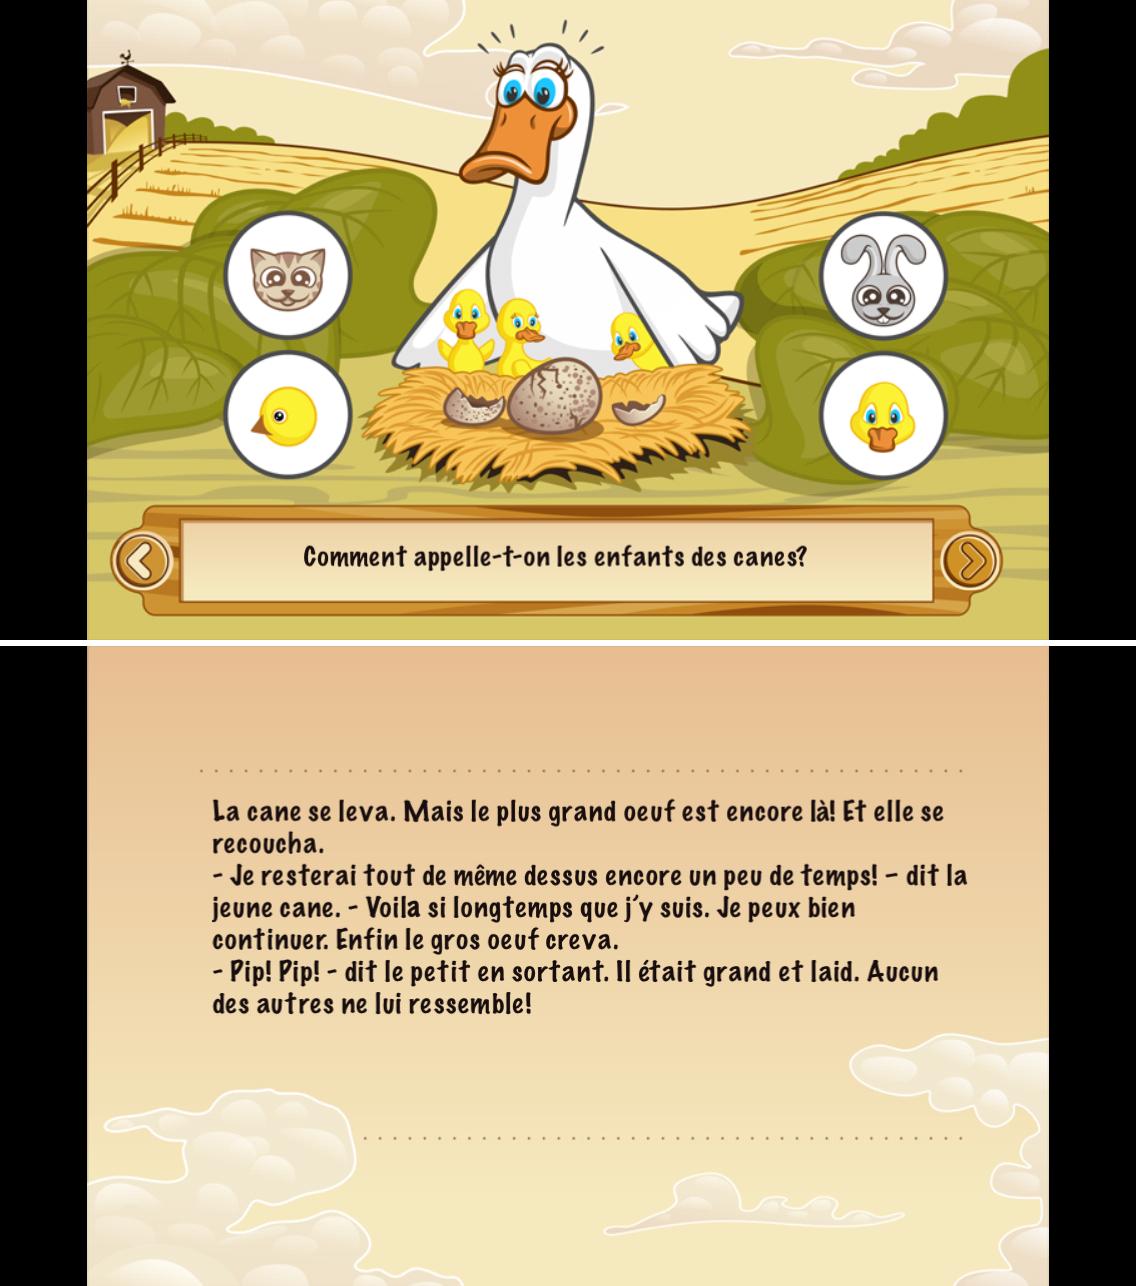 Contes-de-fees-pour-enfants-surdoues-app-store